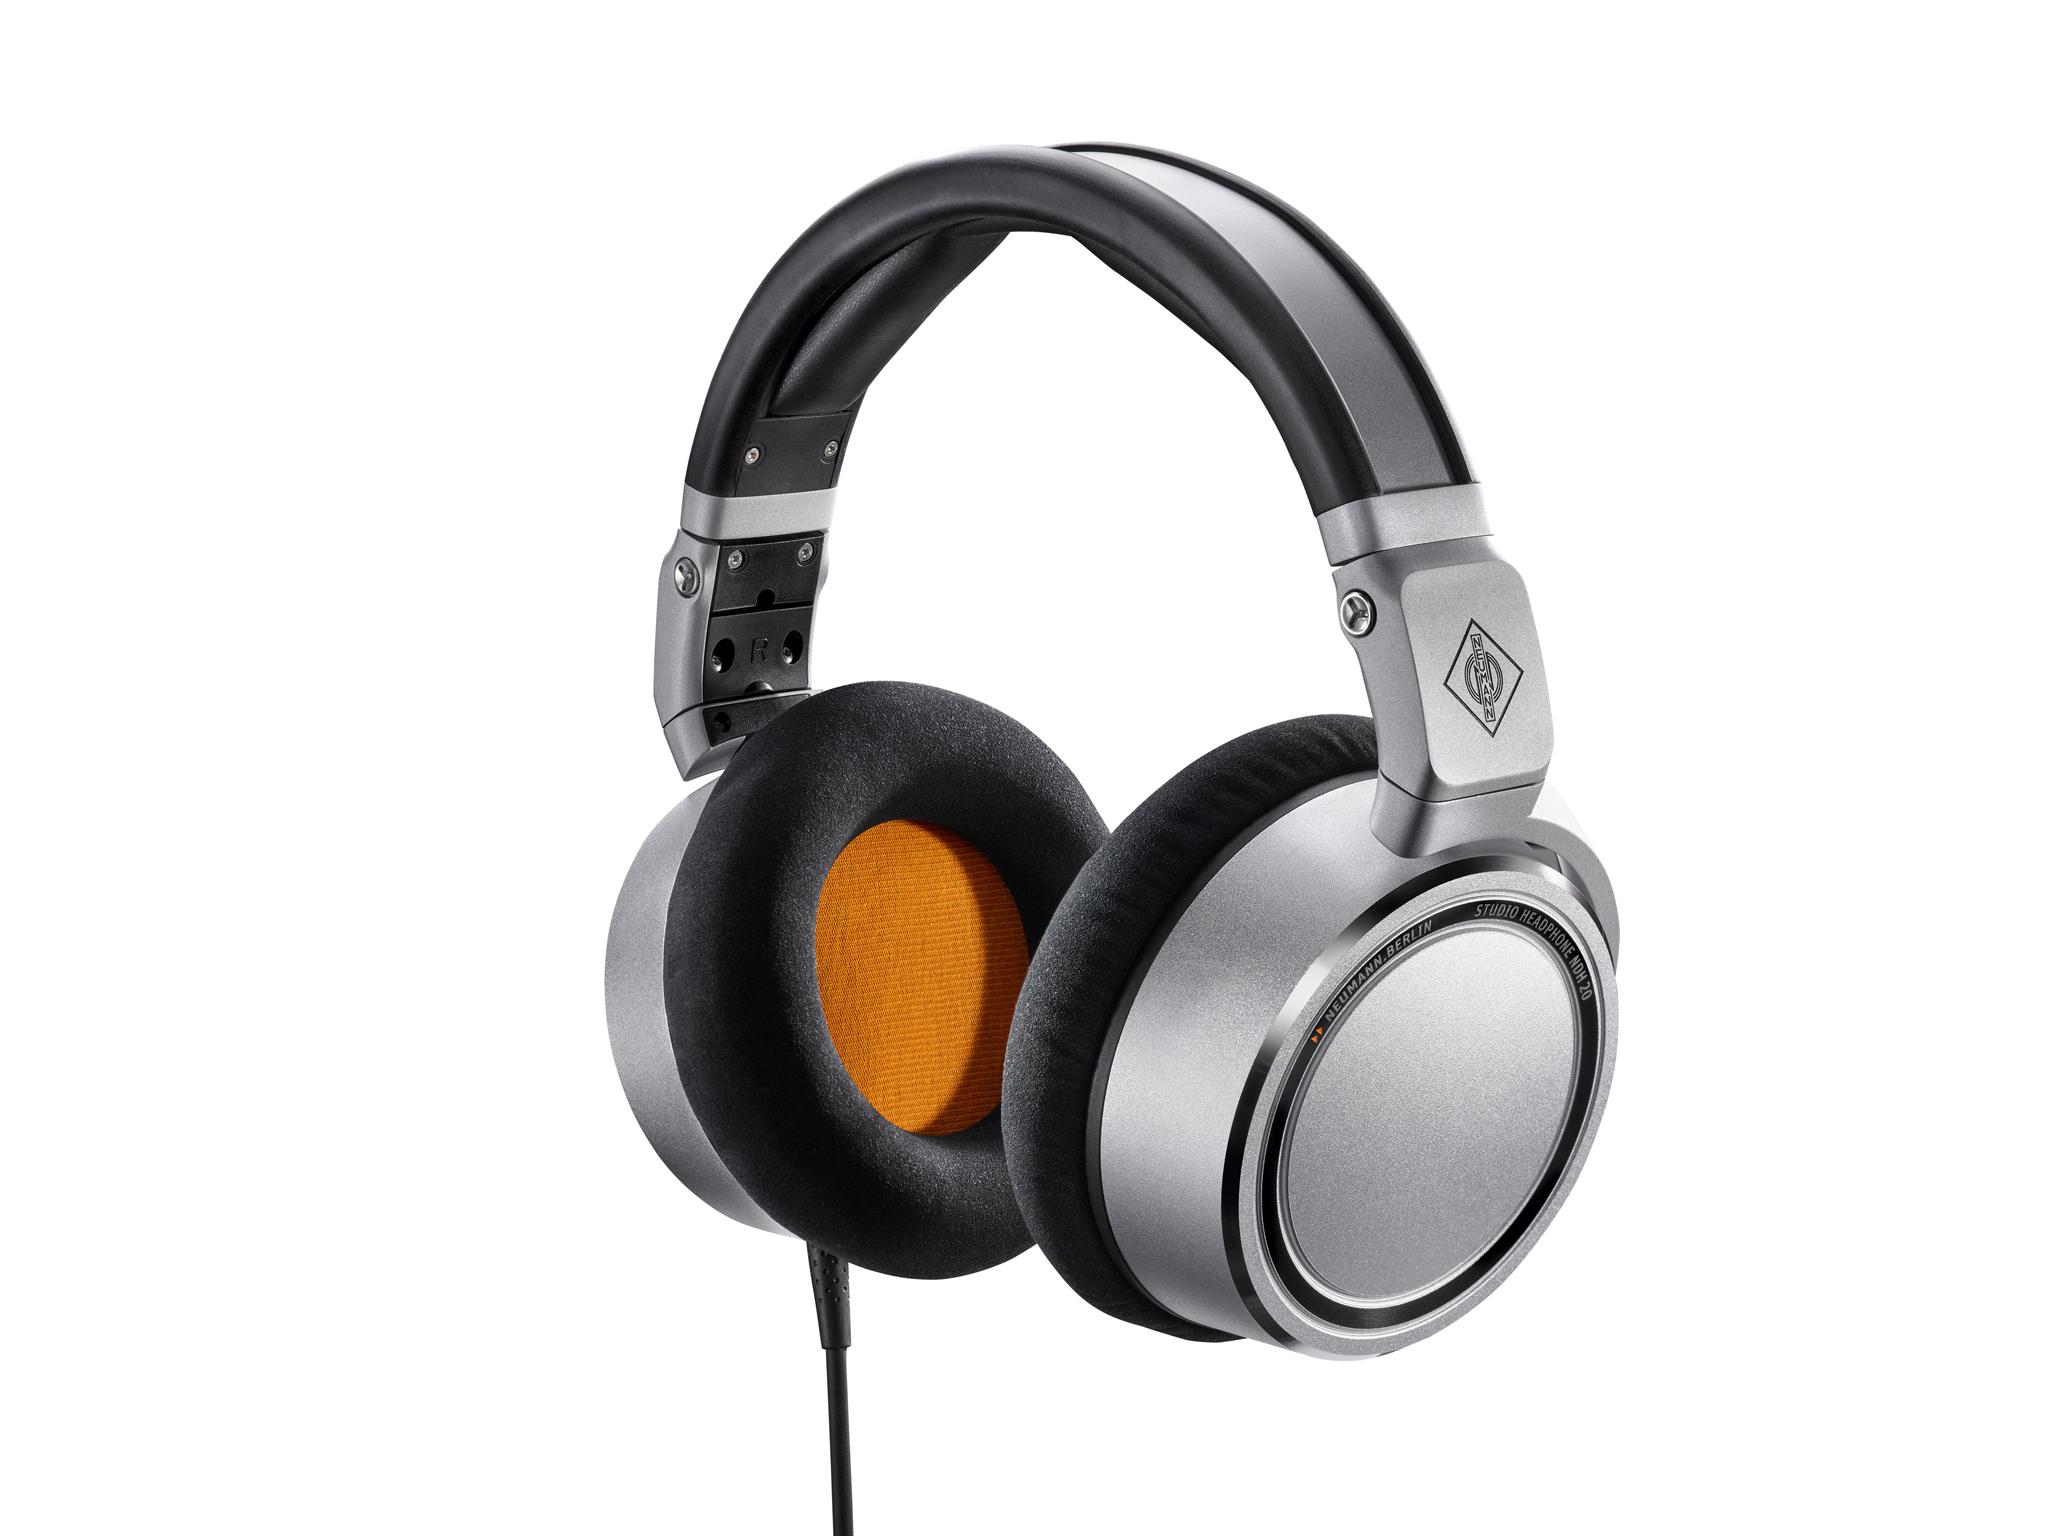 Kromě použití při profesionální úpravě zvuku jsou sluchátka Neumann NDH 20 ideální ipro kritický audiofilský poslech.